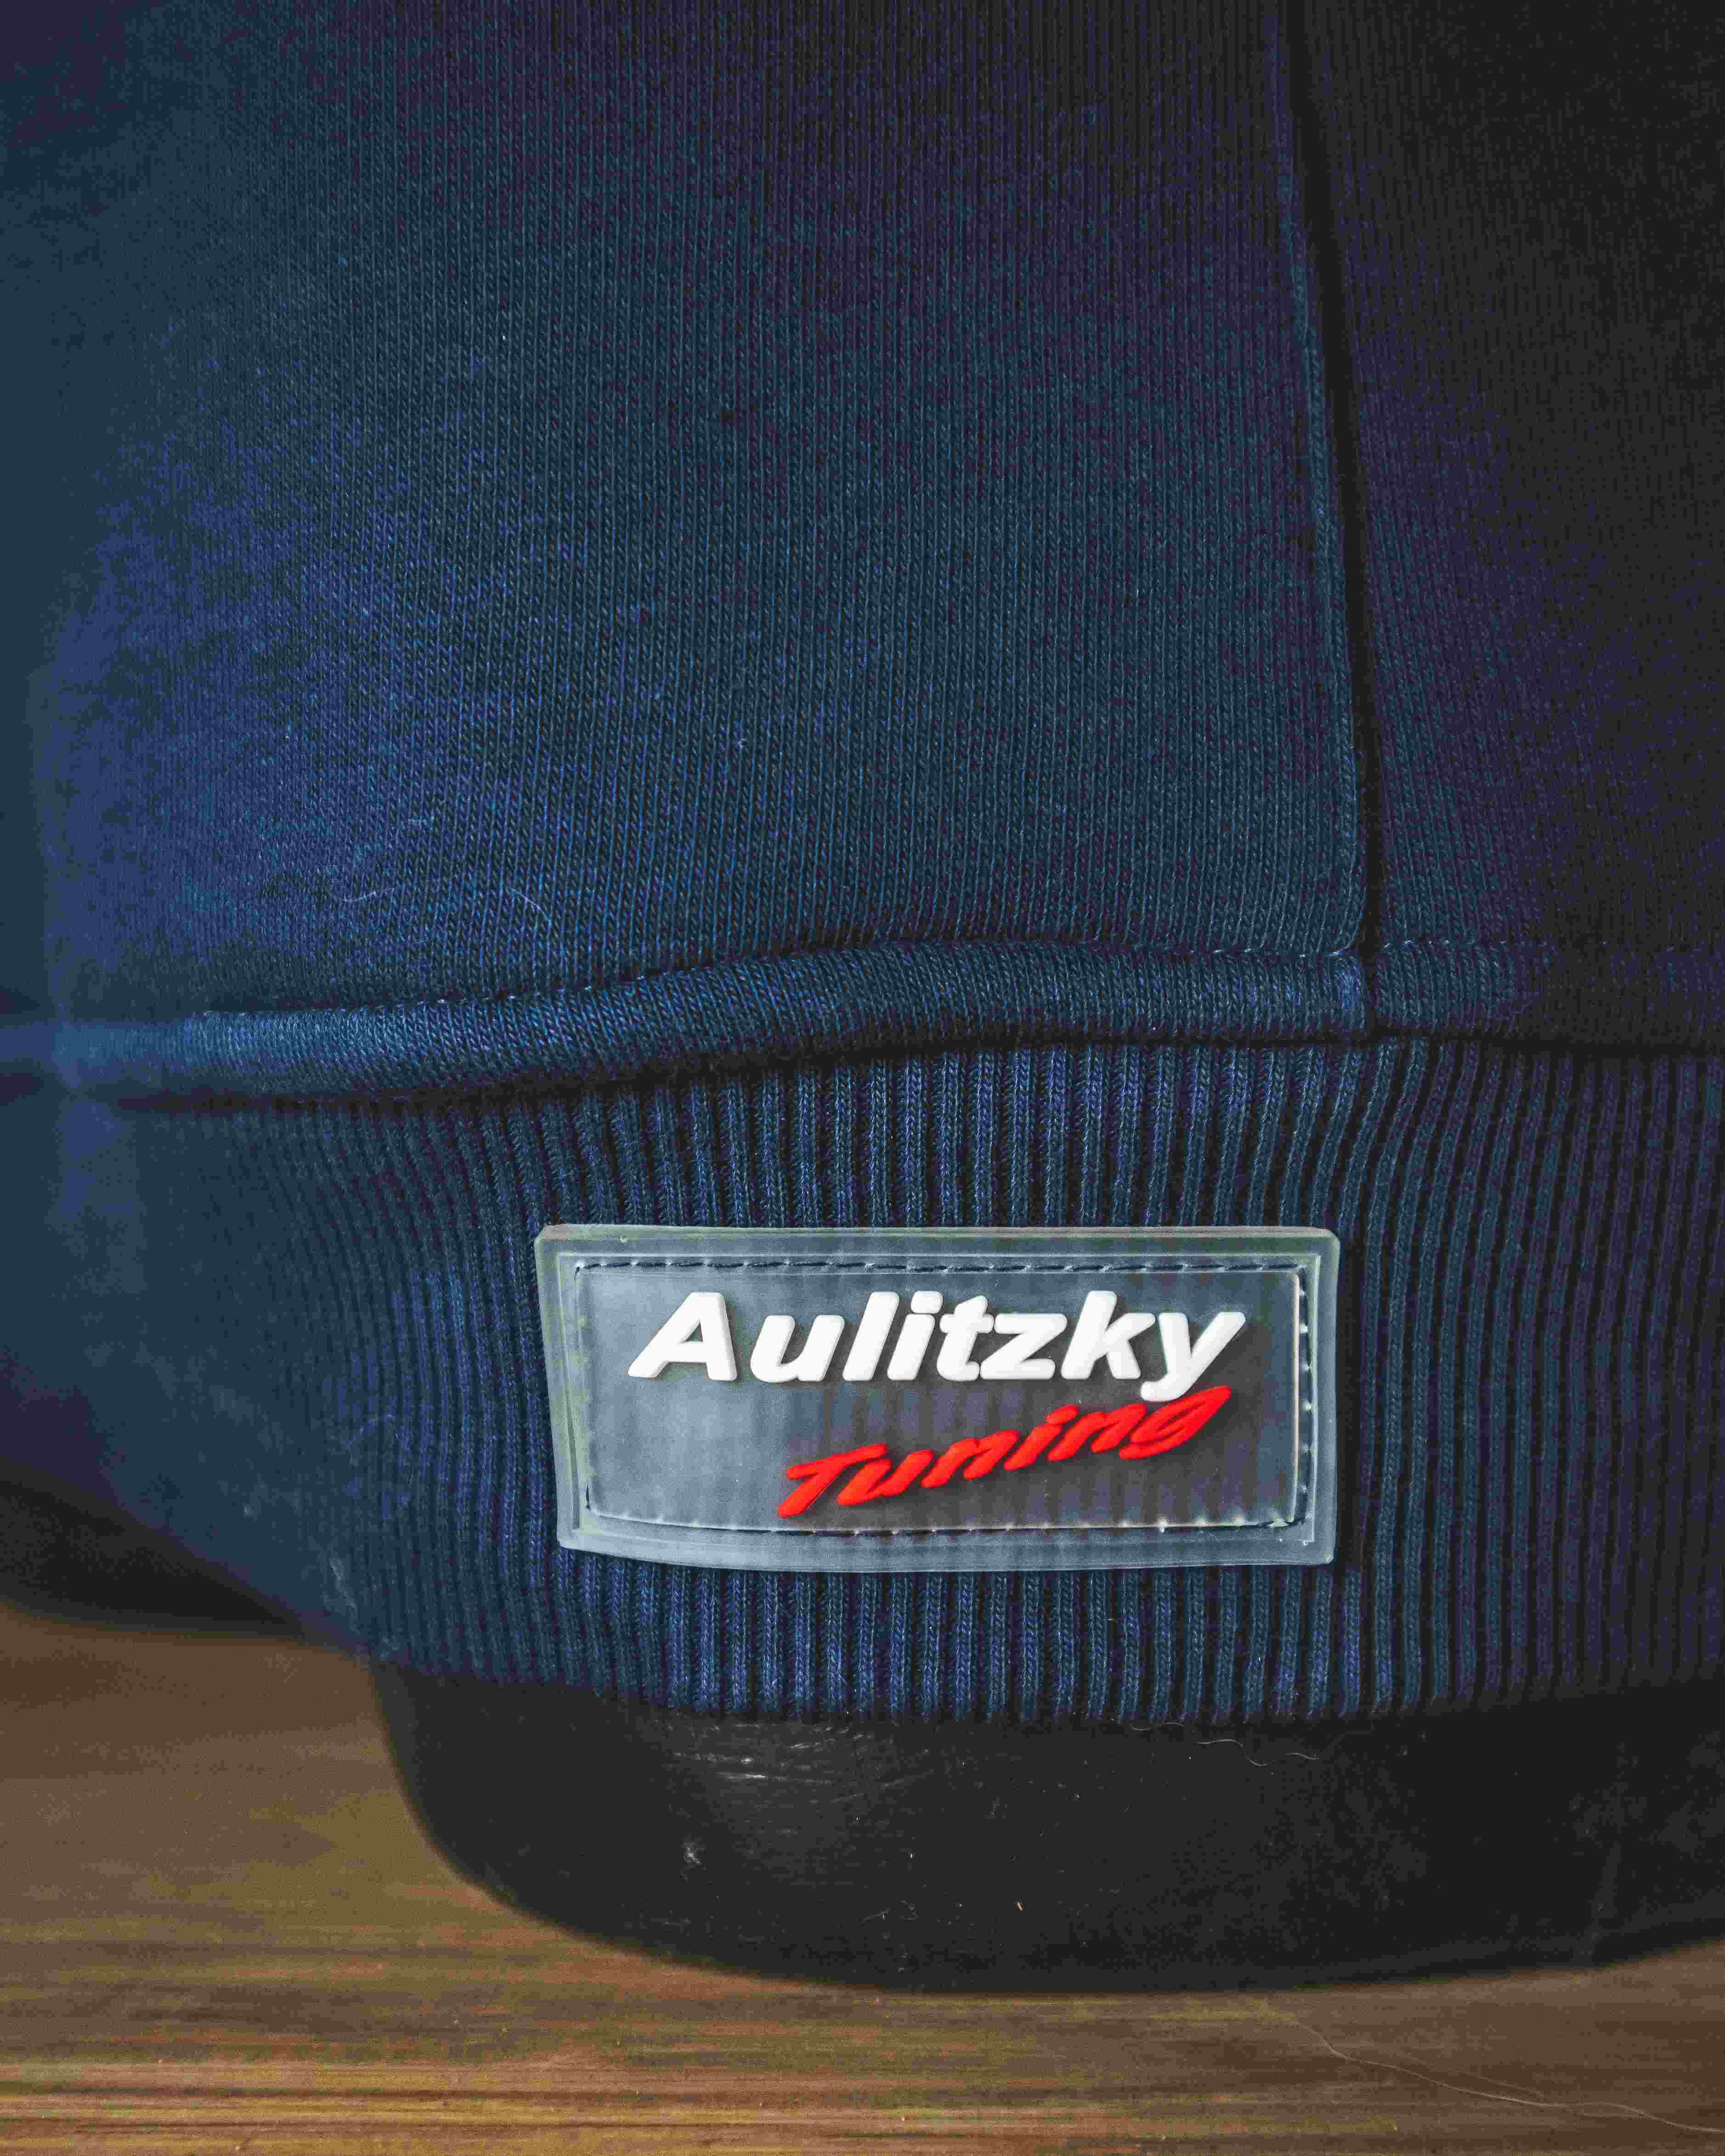 Aulitzky Tuning  Hoodie  blau/gelb